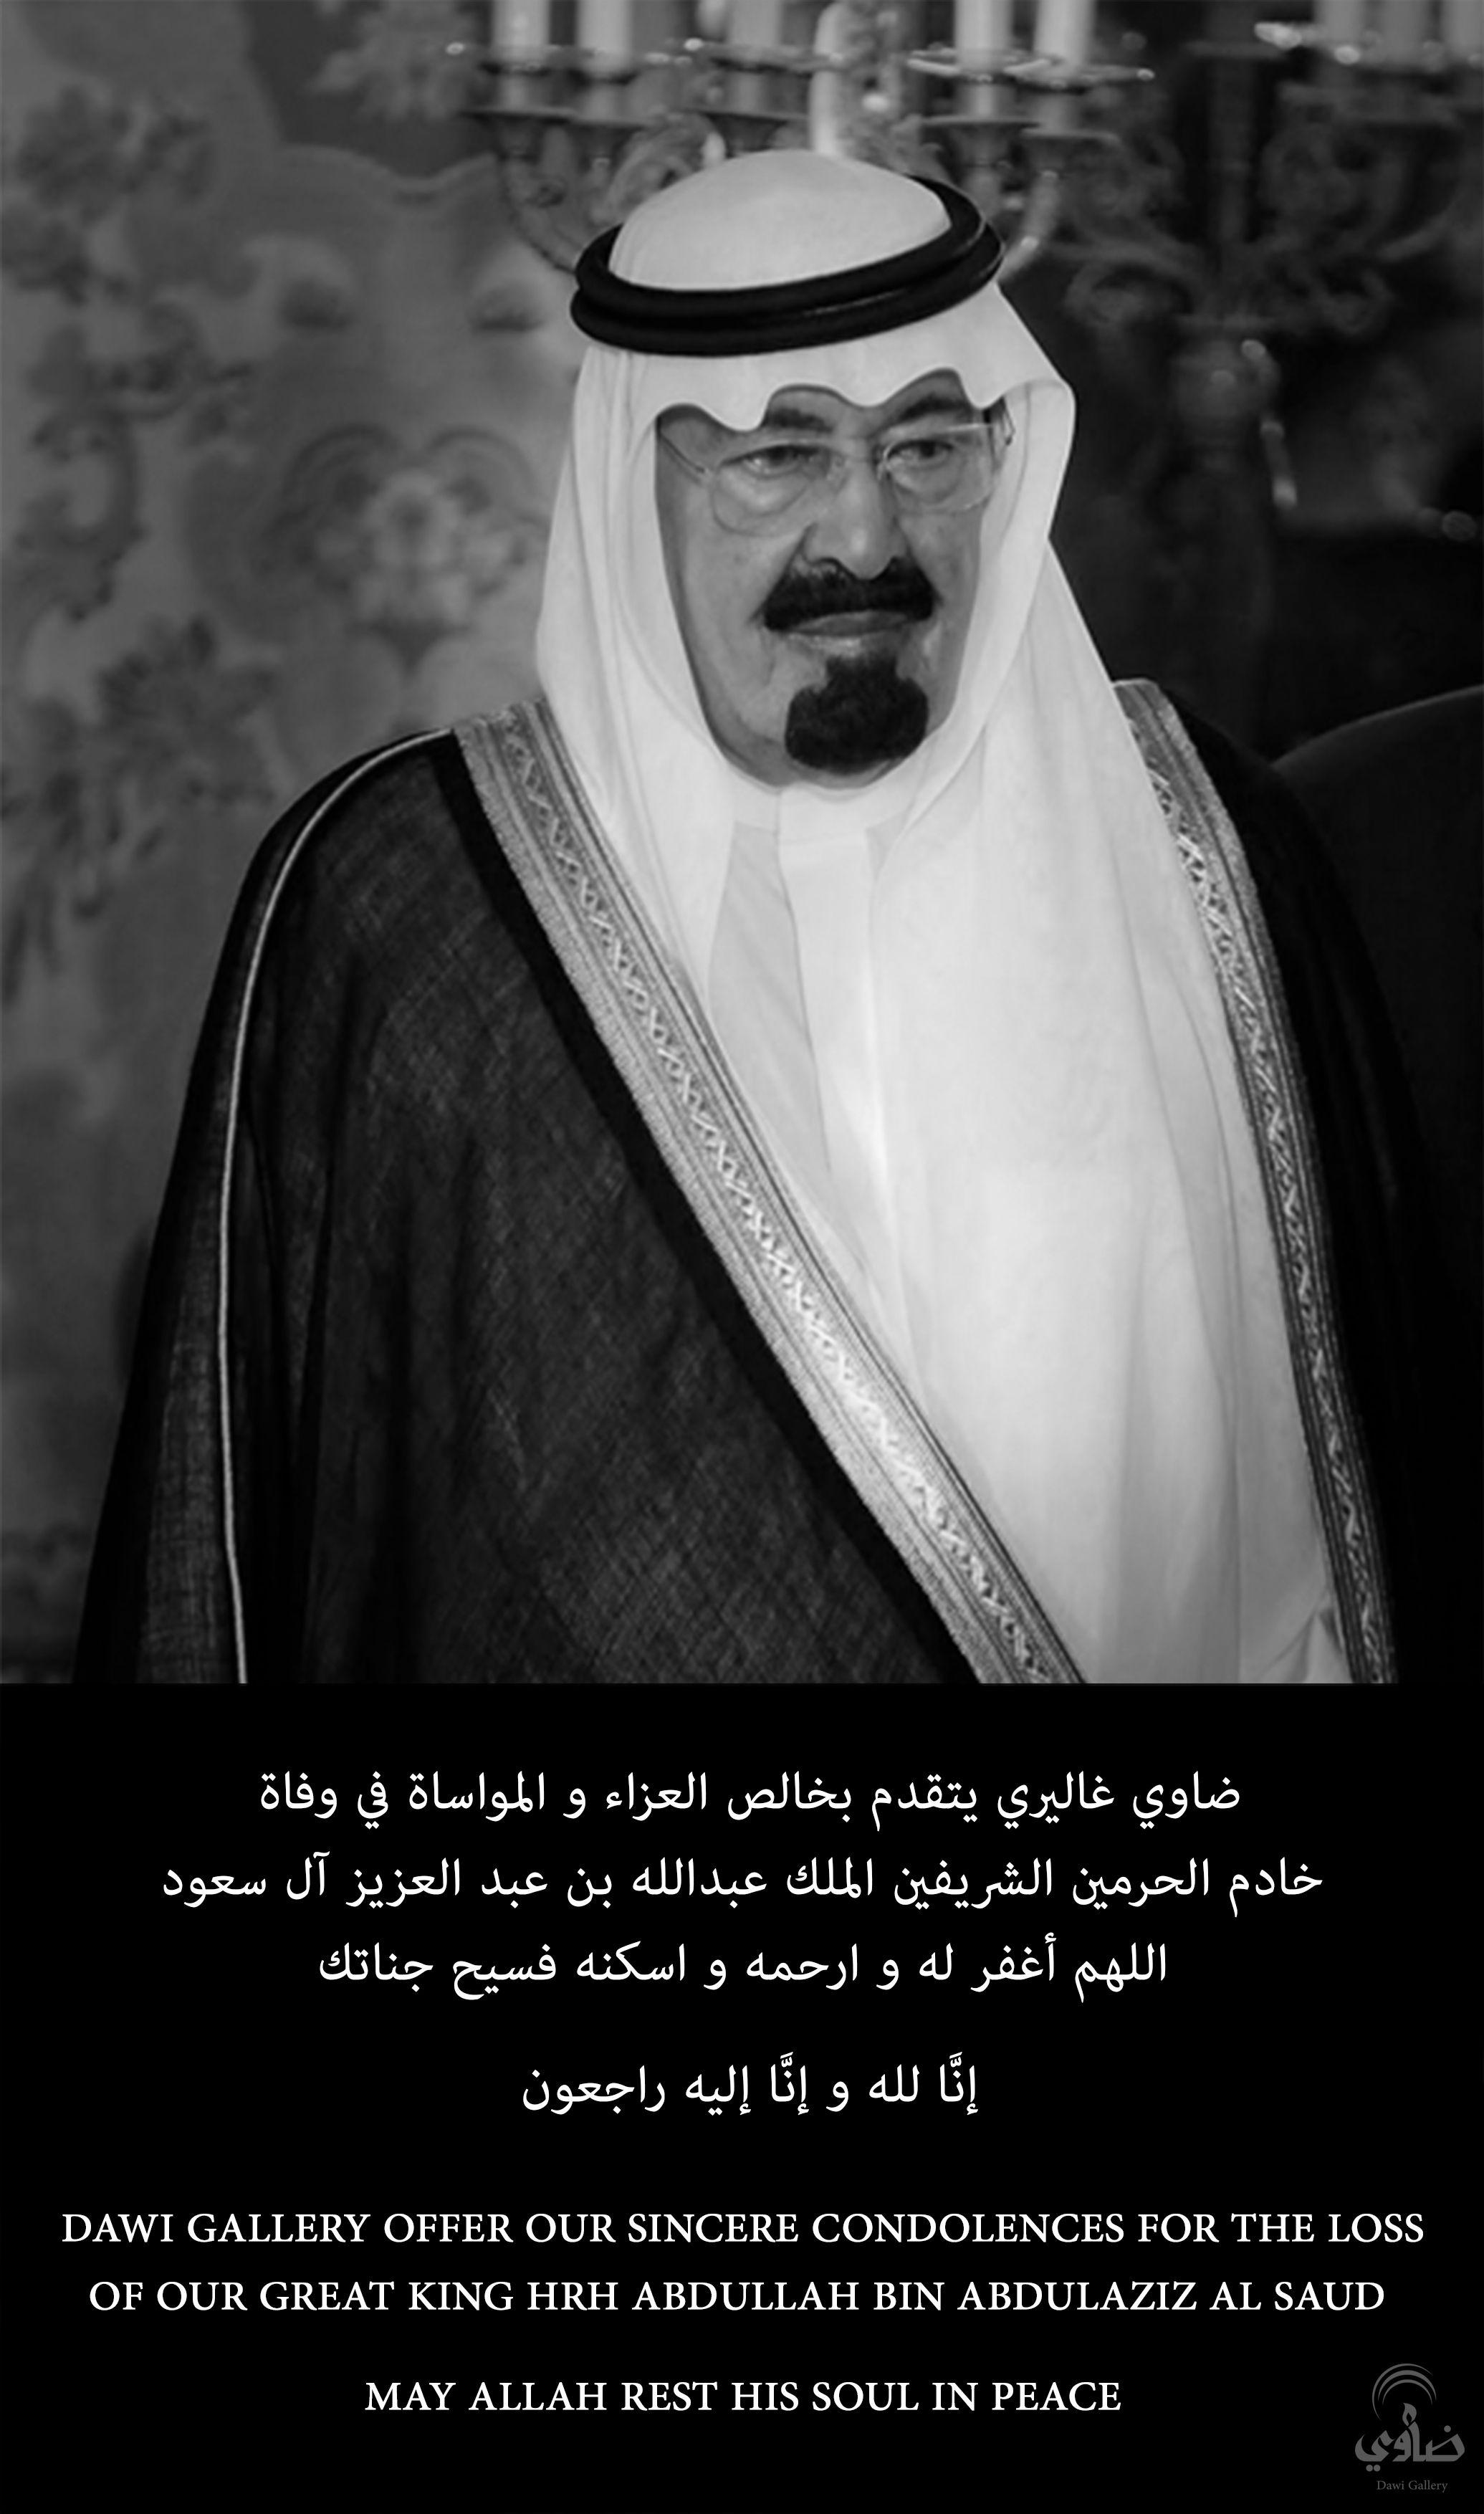 خالص العزاء لفقدان خادم الحرمين الشريفين الملك عبدالله بن